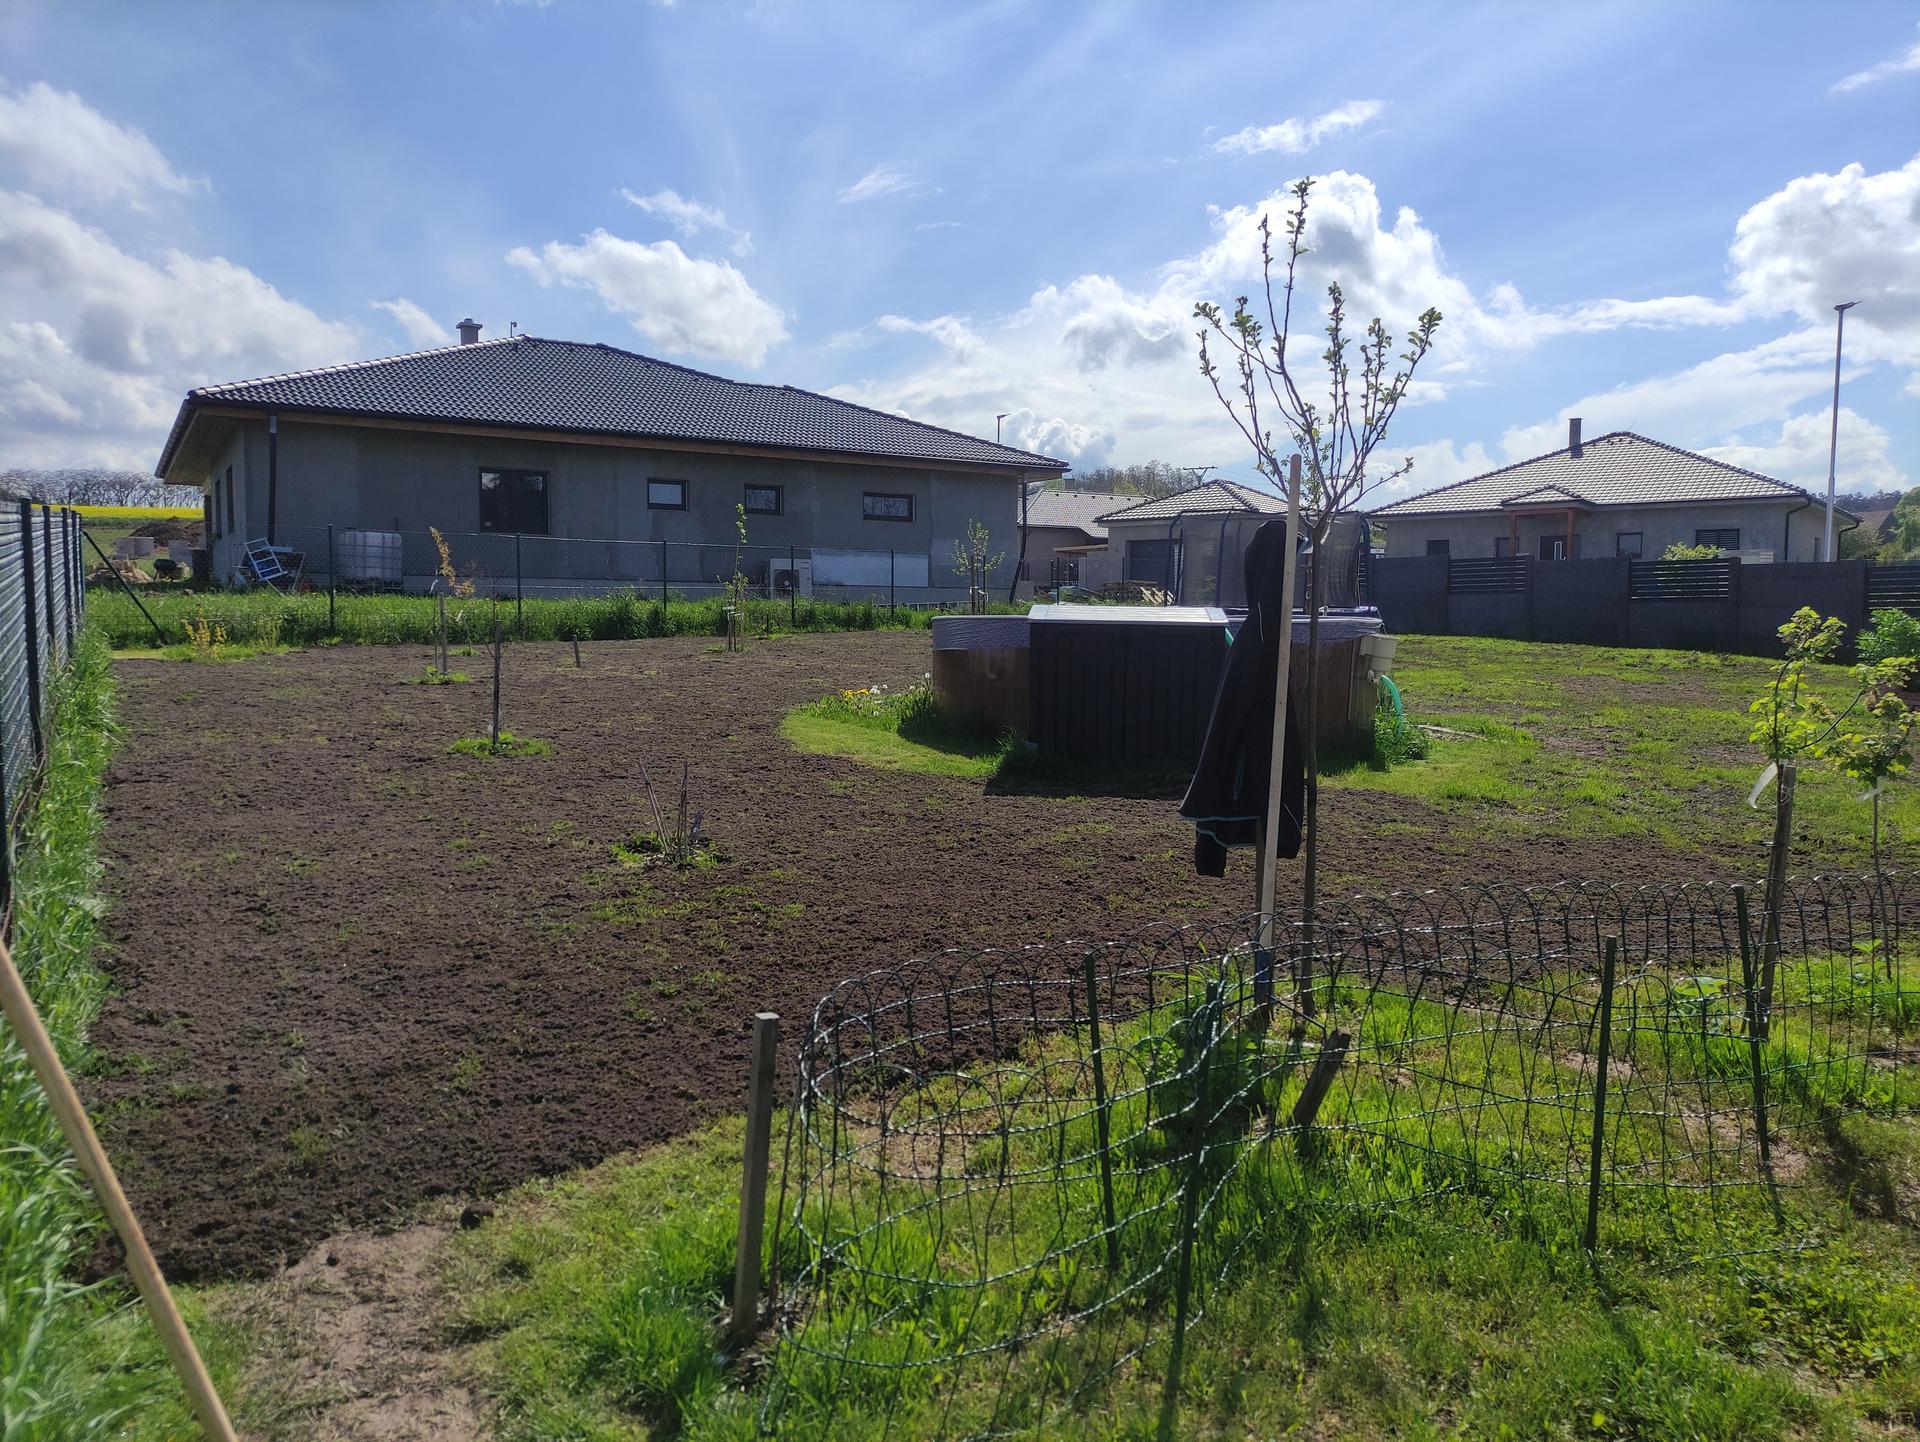 Malý dnes přispěl svou troškou do mlýna (spal 2 hodiny) a můžu říct, že máme HOTOVO. Teď se jen modlit k Bohu trávy, aby tráva vyrostla. 😅 A jako bonus kvete jablůňka, vloni dva květy, dvě pidijablicka, letos je květů 7. 🤗 - Obrázek č. 1